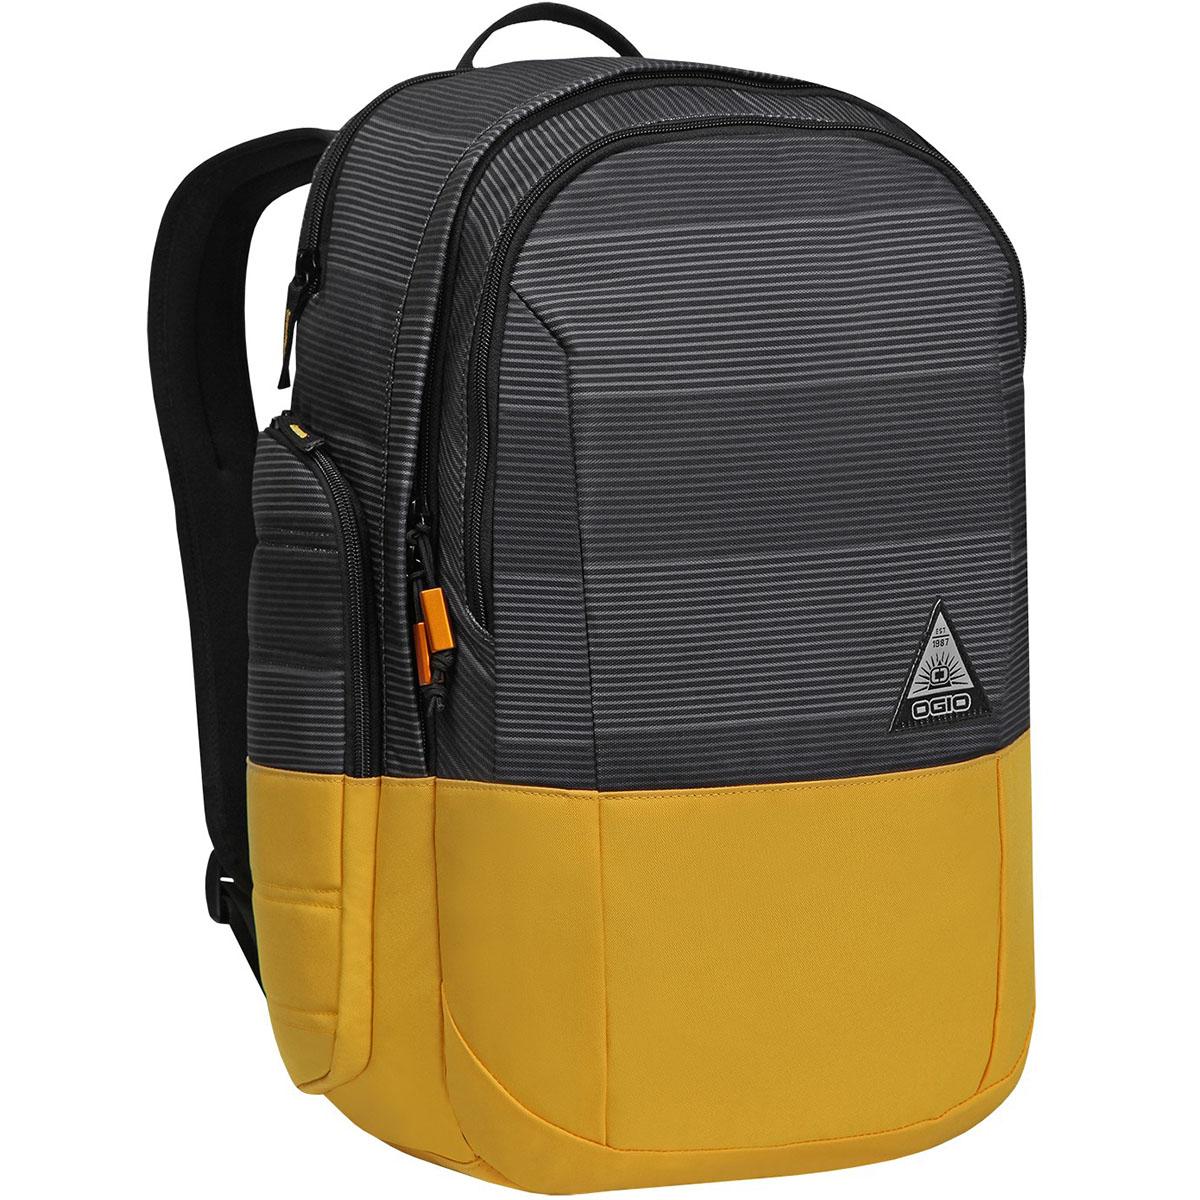 Рюкзак городской OGIO Urban. Clark Pack (A/S), цвет: горчичный, серый. 031652227002RivaCase 7560 blueРюкзак OGIO Urban. Clark Pack (A/S) разработан для ярких и модных людей! Он позволит вам взять с собой все необходимое.Этот рюкзак стильный и в то же время функциональный, благодаря чему у вас есть возможность взять с собой множество необходимых вещей. Имеются специализированные отсеки для ноутбука и планшета, которые позволят вам не переживать за сохранность техники, а современный дизайн и отличный внешний вид рюкзака дополнят ваш образ. OGIO - высокотехнологичный продукт от американского производителя. Вместимые сумки для путешествий, работы и отдыха, специальная коллекция городских сумок для женщин, жесткие боксы под мелкий инвентарь и многое другое.